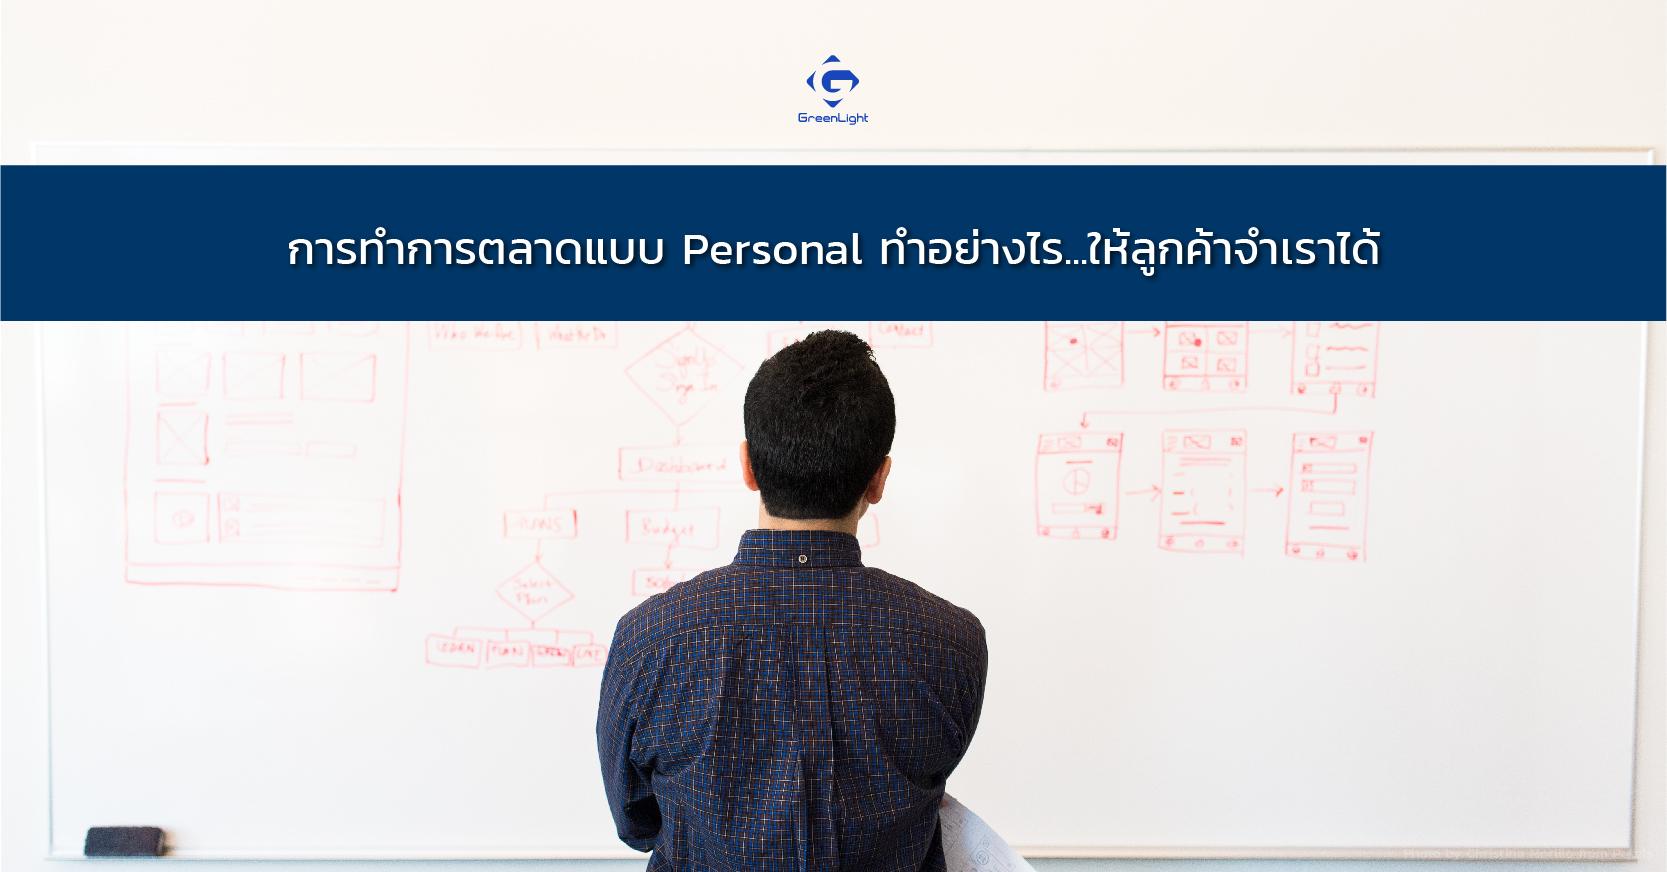 การทำการตลาดแบบ Personal ทำอย่างไร ให้ลูกค้าจำเราได้